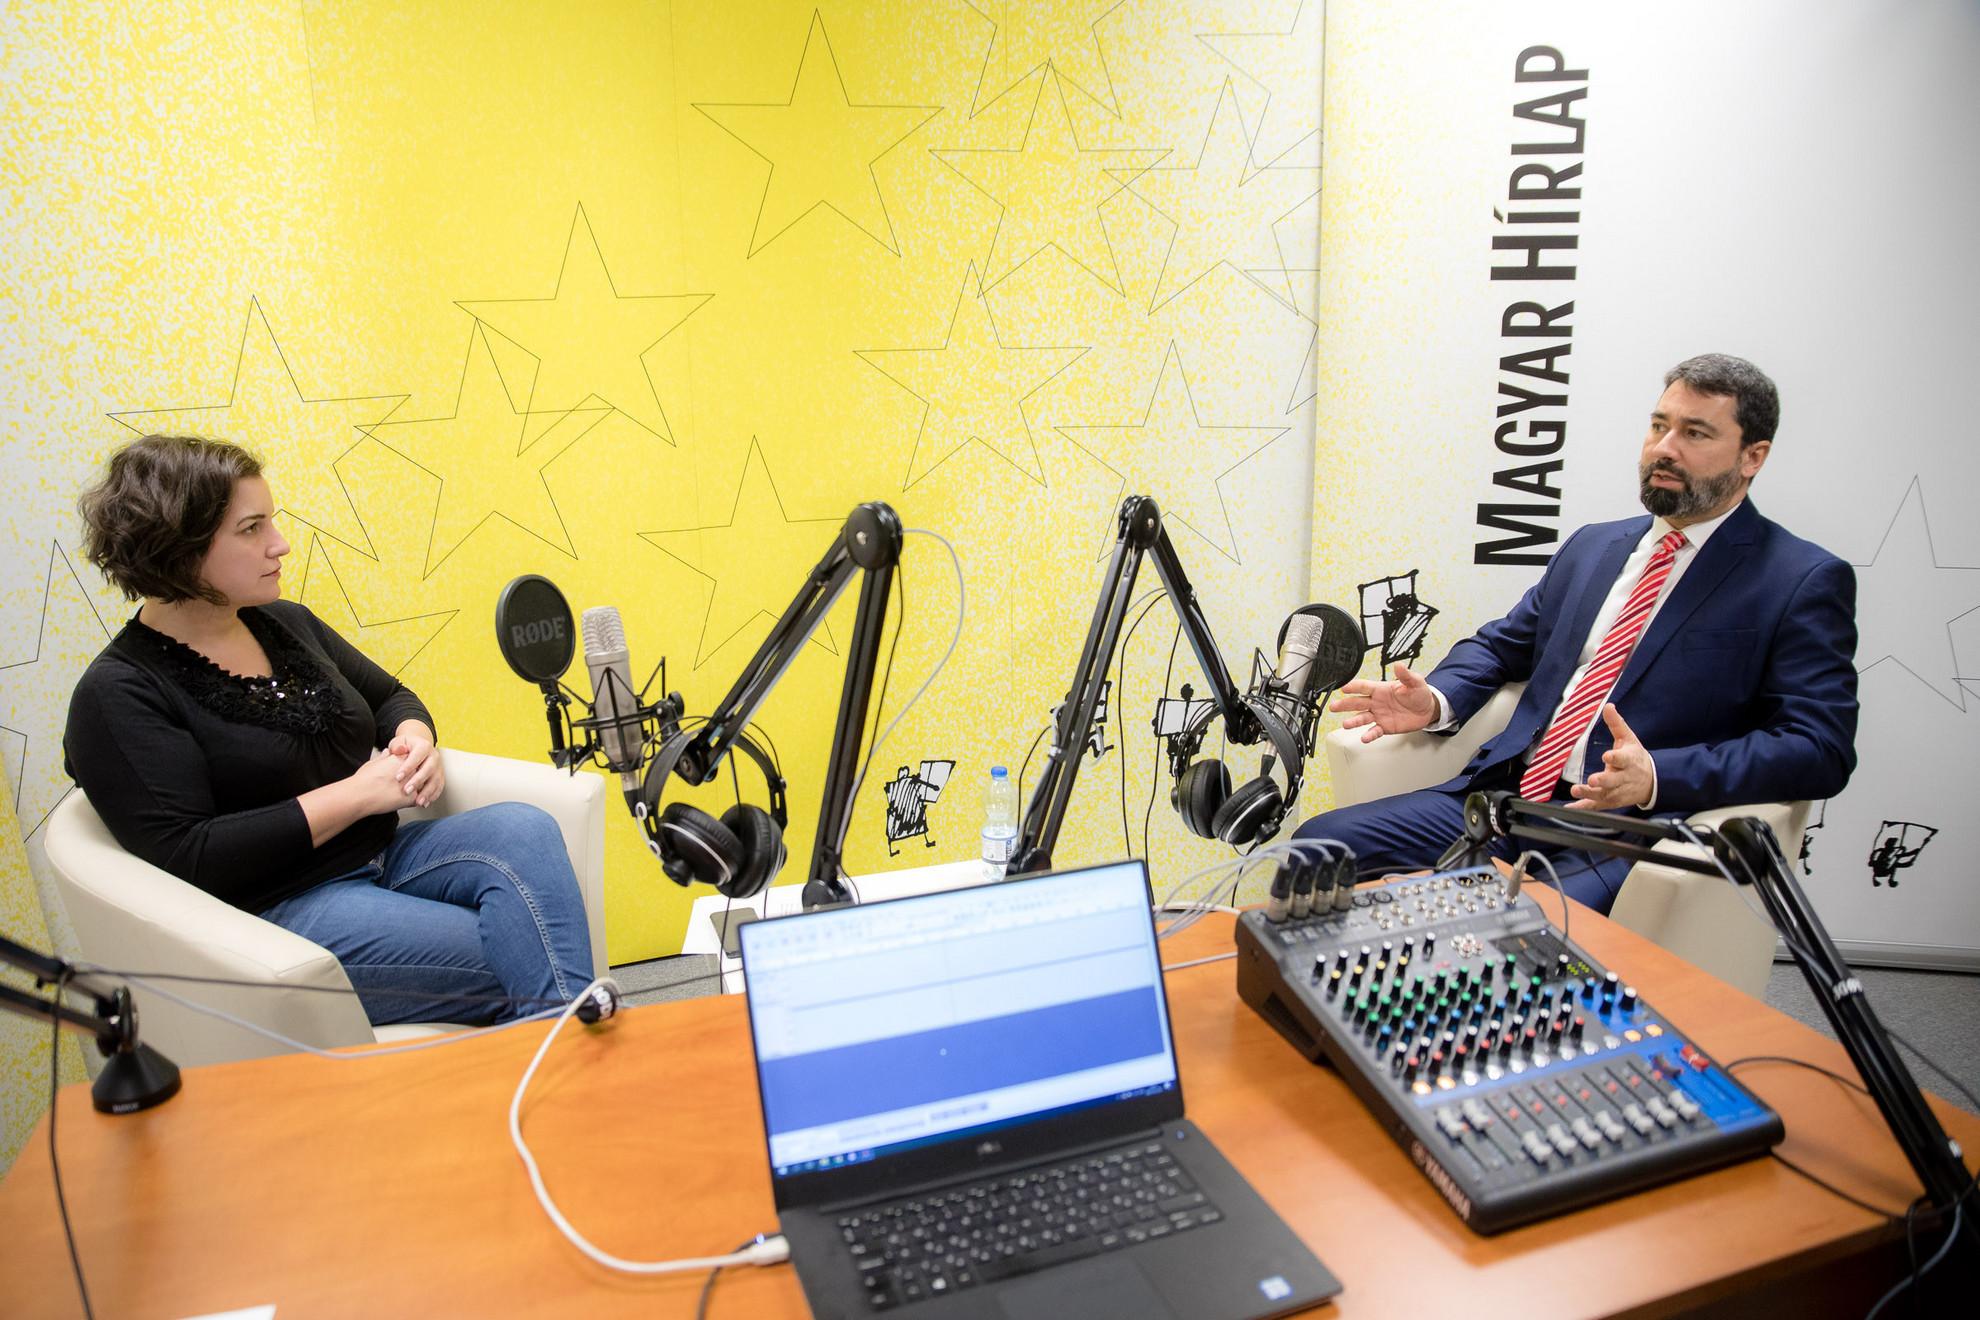 Lapunk főmunkatársa, Őry Mariann és Hidvéghi Balázs a Magyar Hírlap Faktum című podcastjának felvételén